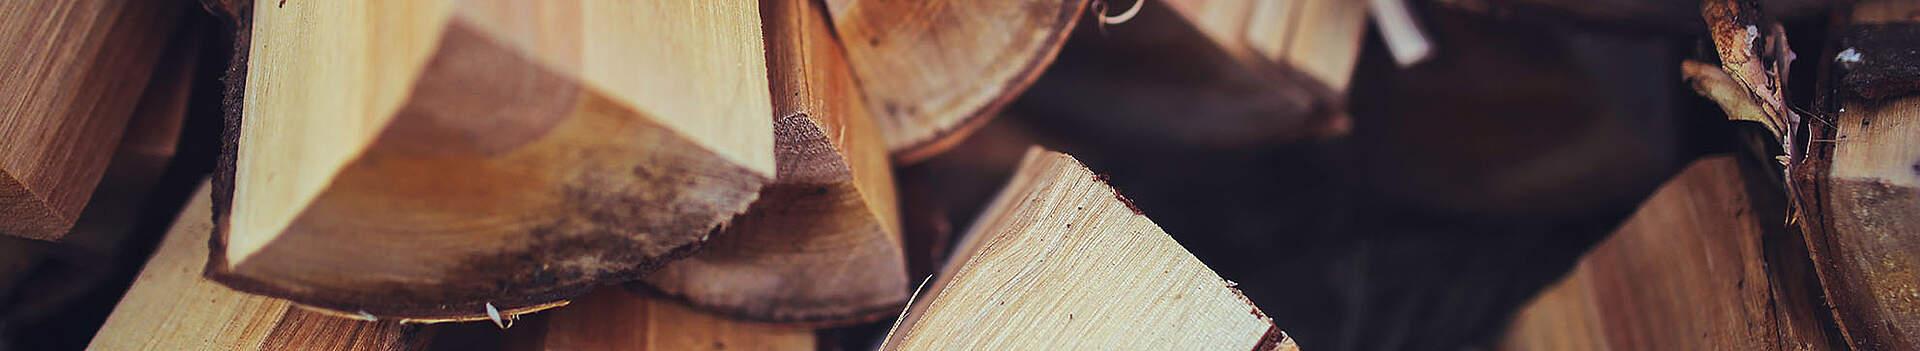 Holz für Kaminofen